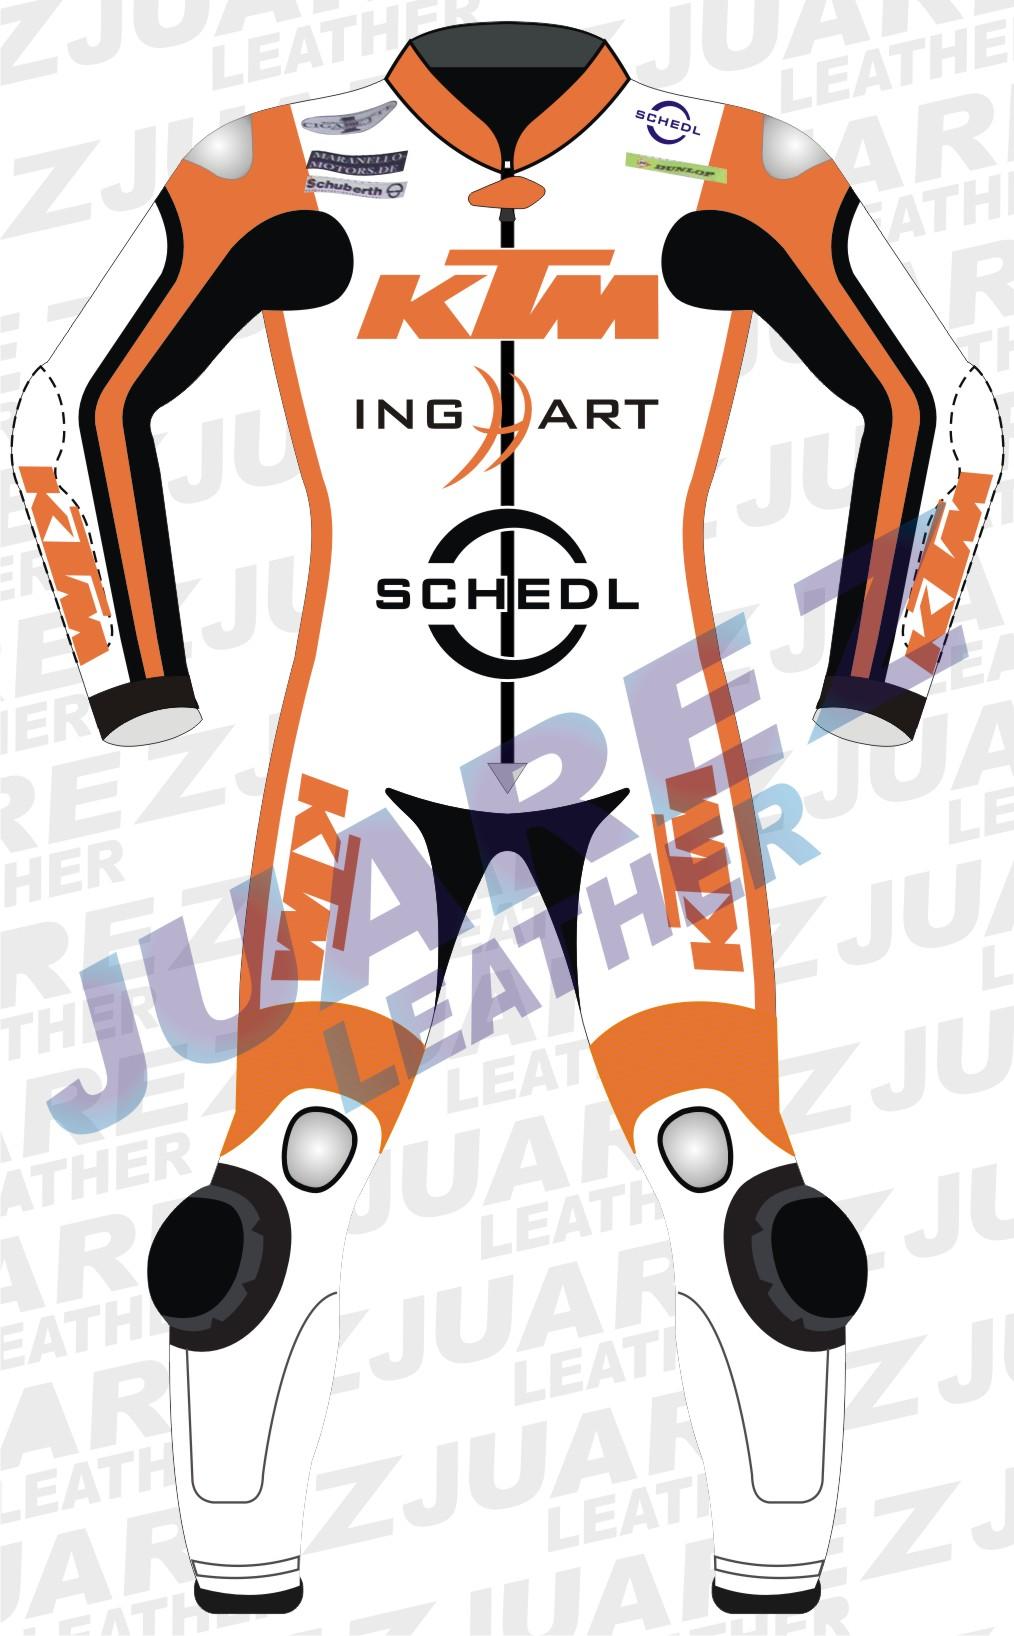 Motogp leathers race suits